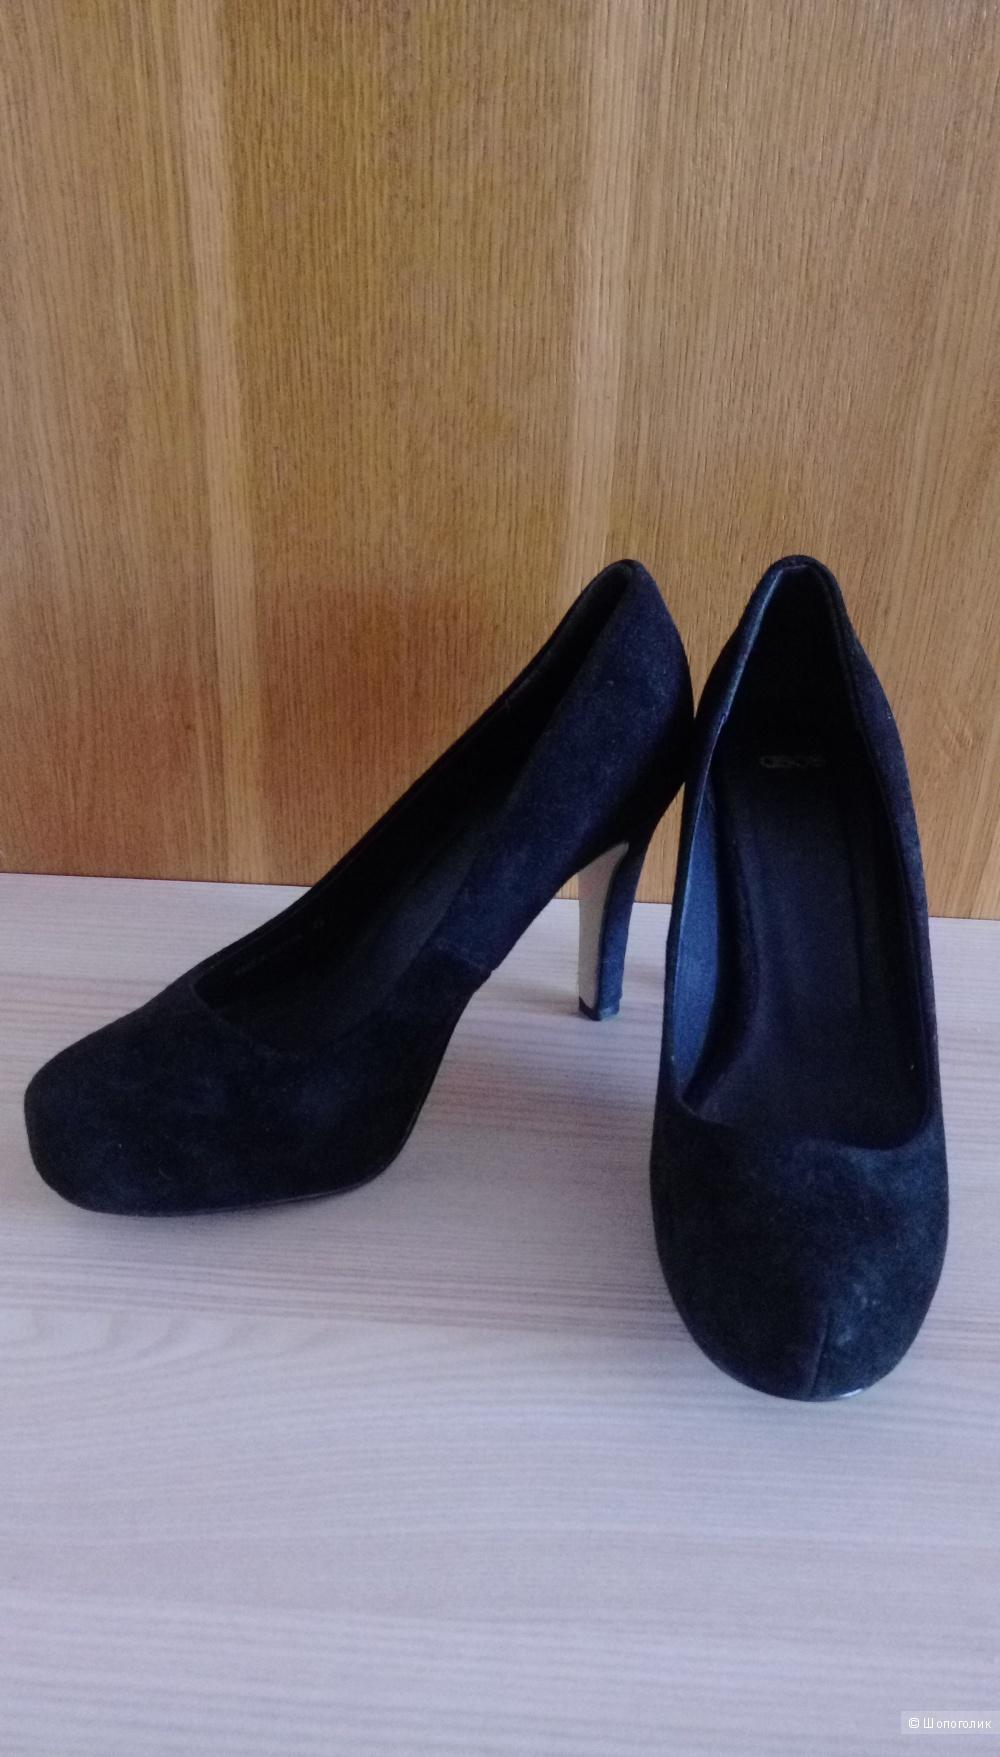 Туфли ASOS, чёрные, размер UK6